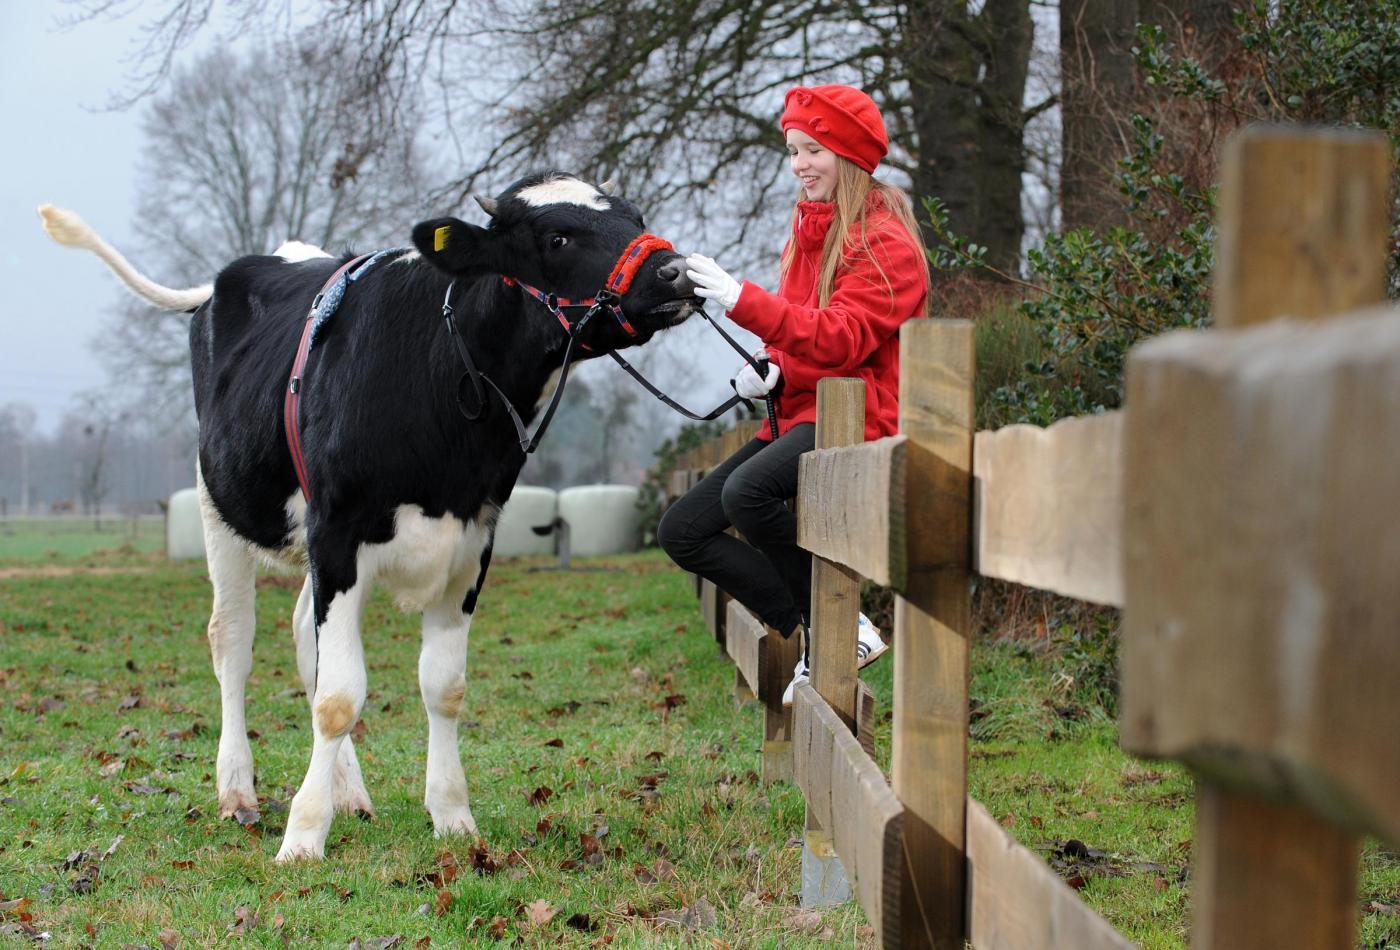 Germania, la ragazzina che a 12 anni cavalca la mucca06